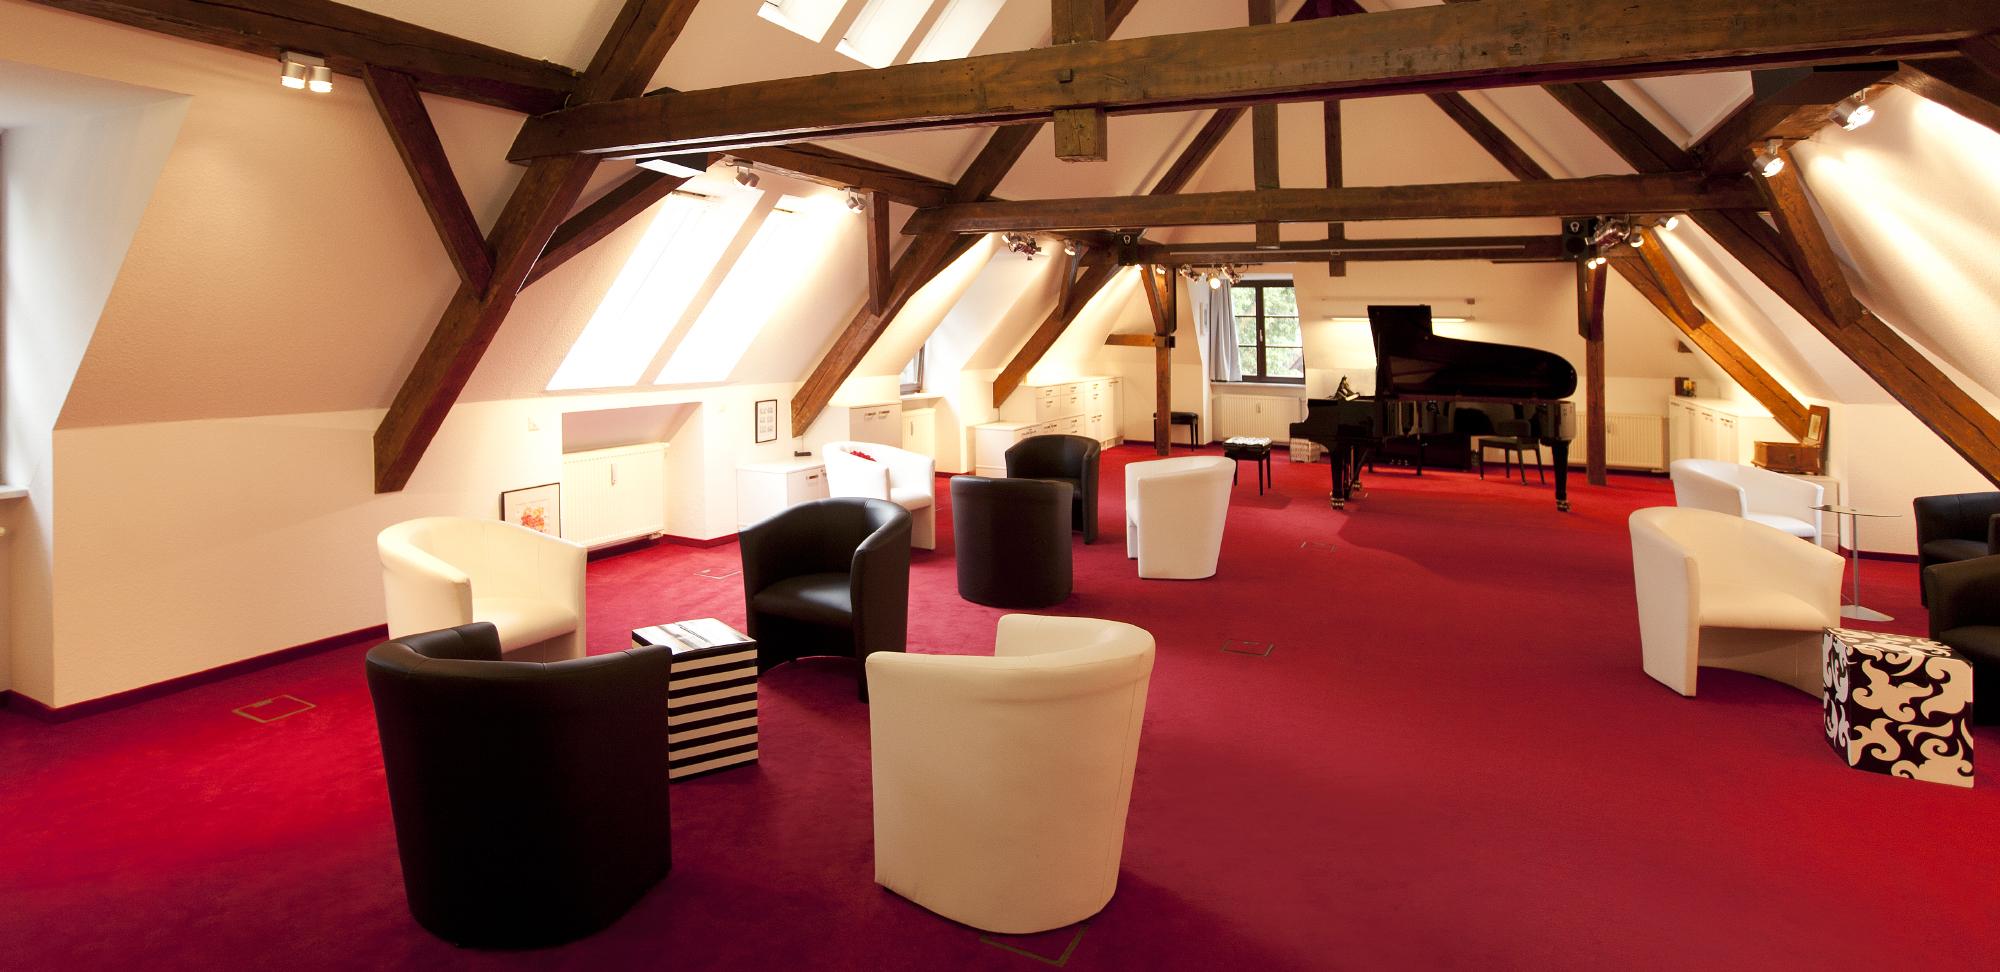 das fortepiano-Studio in Wiesbaden